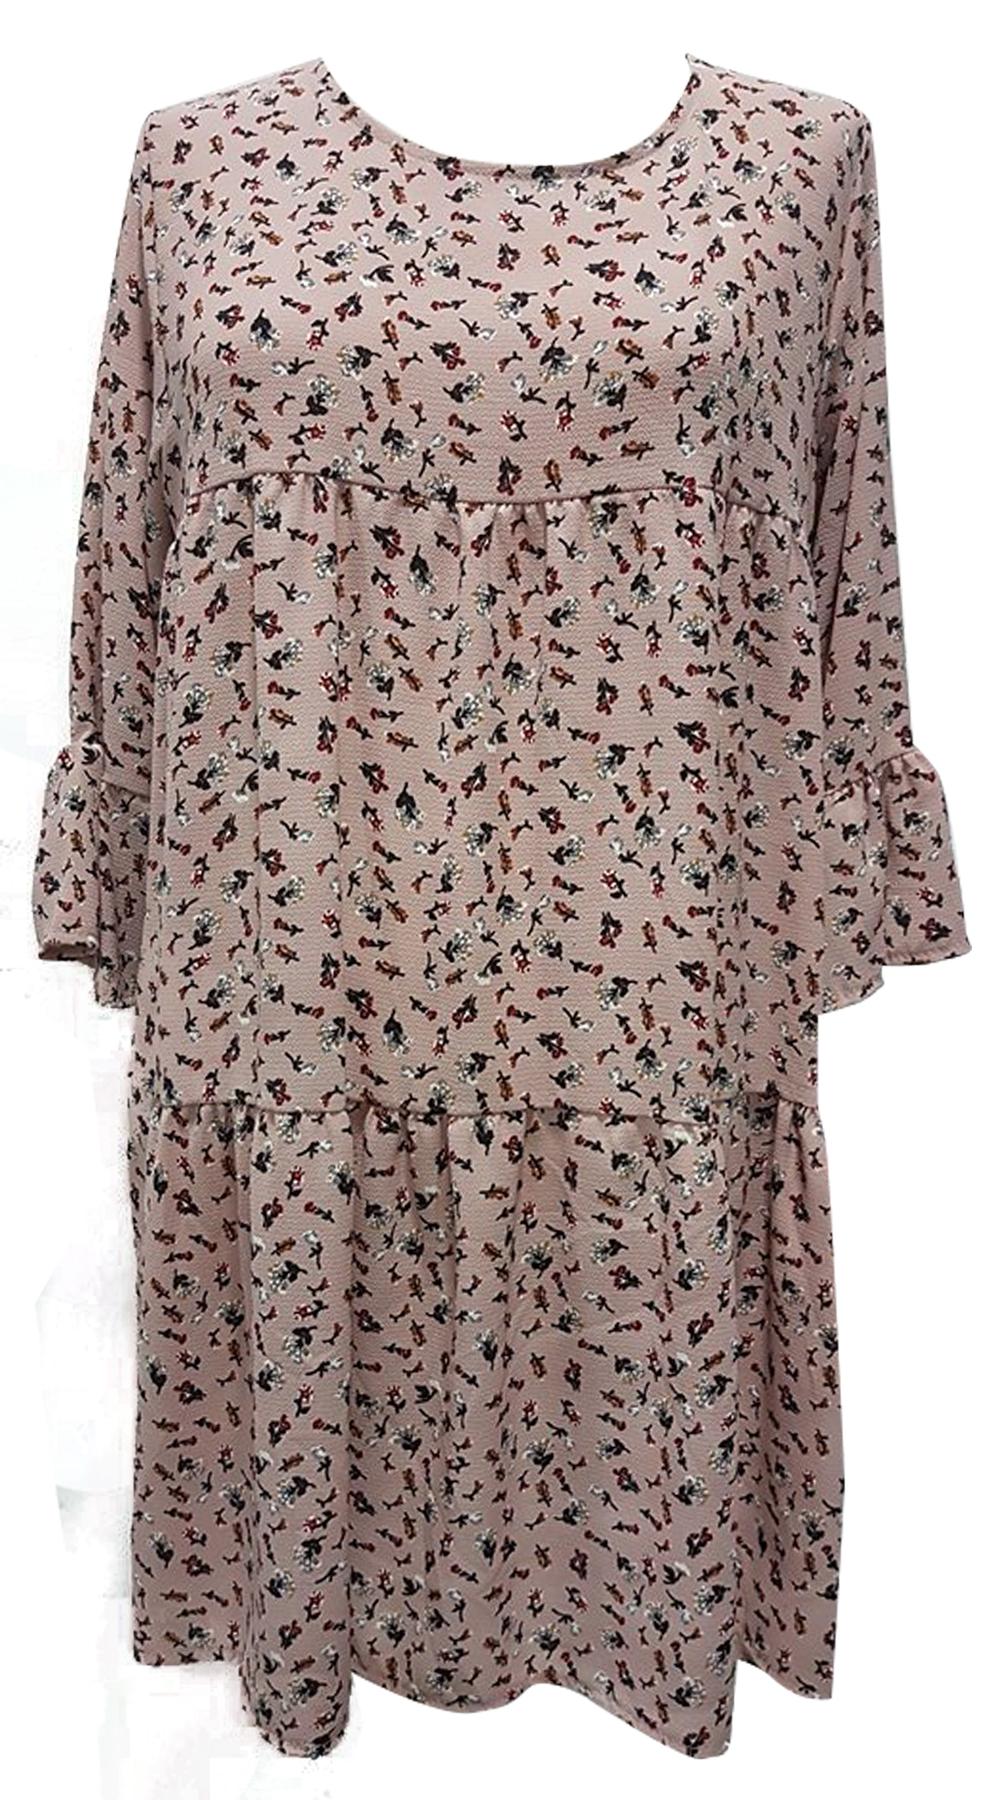 Μίνι φλοράλ φόρεμα παστέλ με βολάν στα τελειώματα - OEM - SP18SOF-4882744934 φορέματα μίνι φορέματα